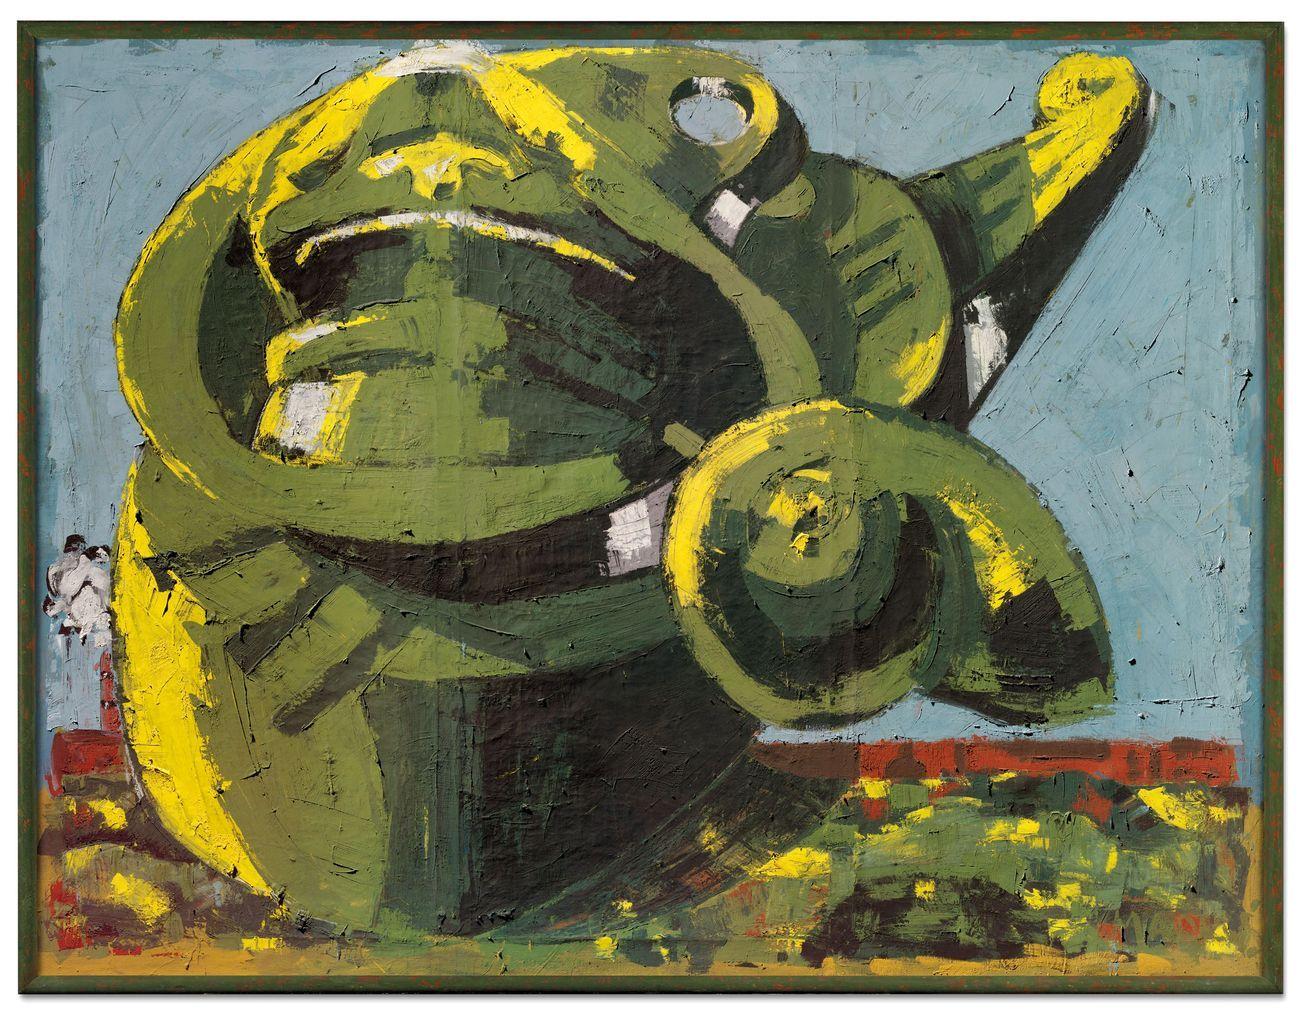 Markus Lüpertz, Arrangement für eine Mütze I dithyrambisch, 1973. Courtesy Christie's